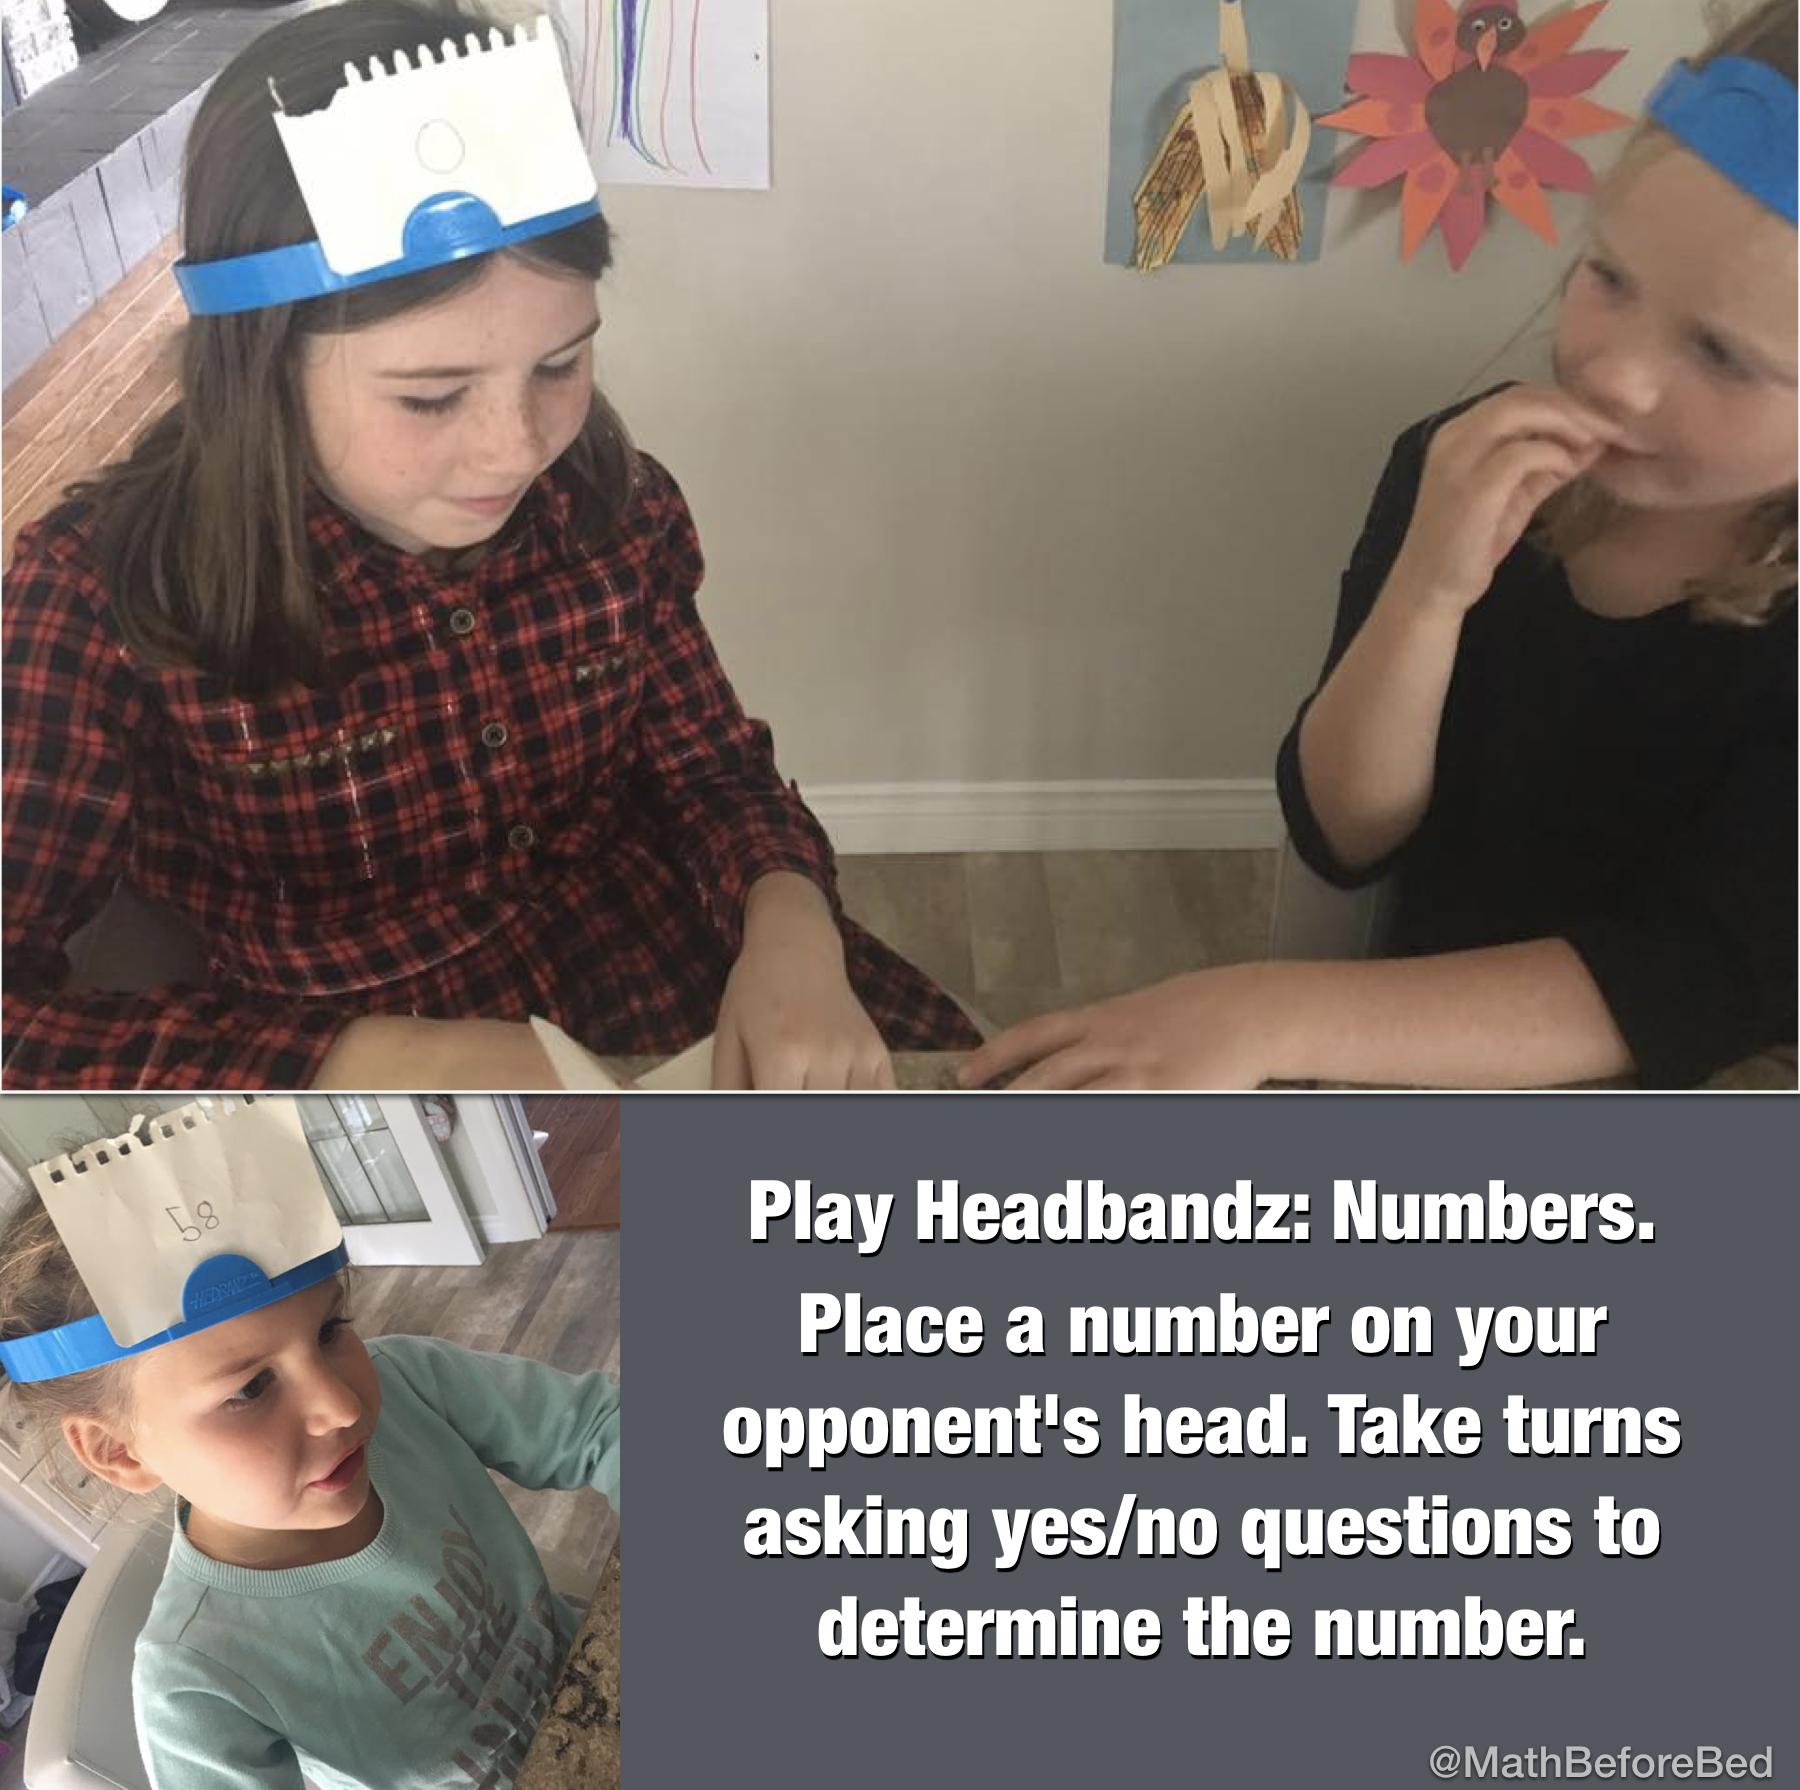 Headbandz: Numbers